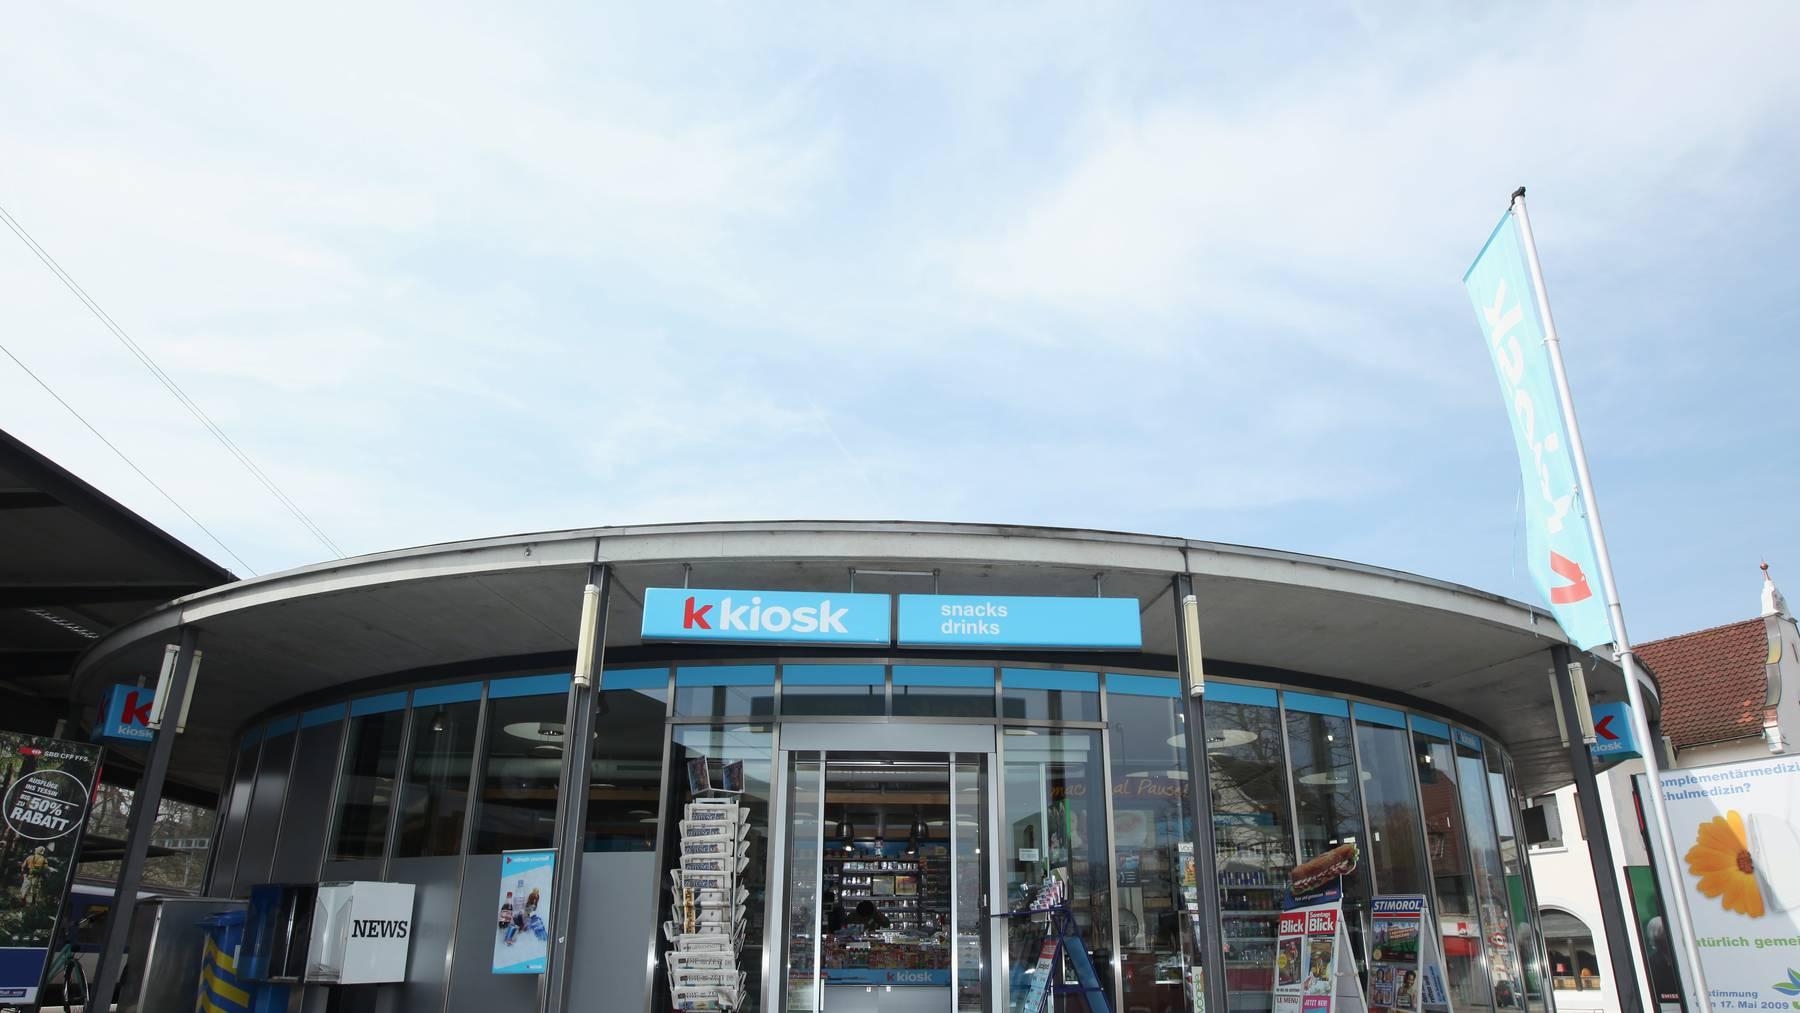 Die Valora-Gruppe betreibt unter anderem die K-Kiosk-Verkaufsstellen.